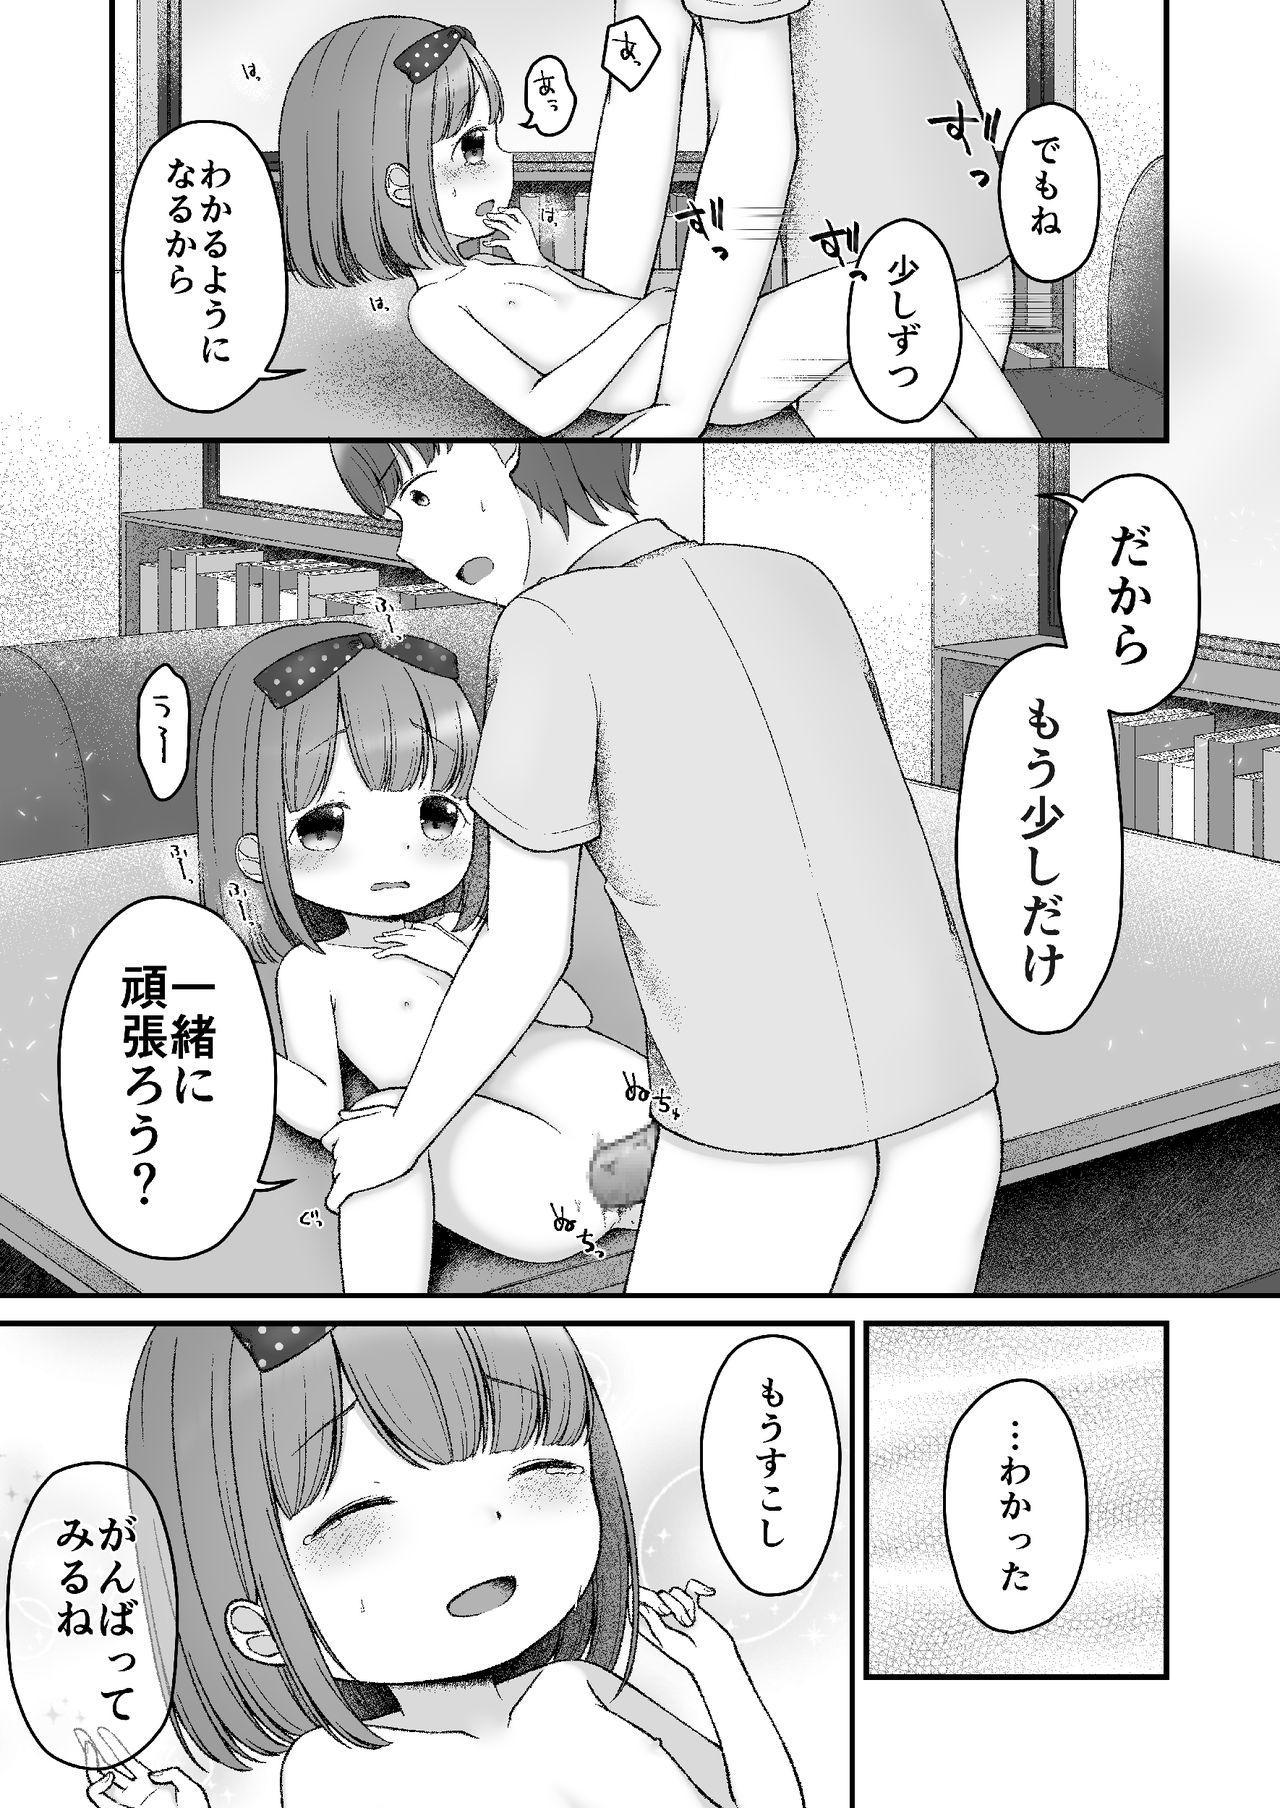 Ehon no Kuni no Arisu 20